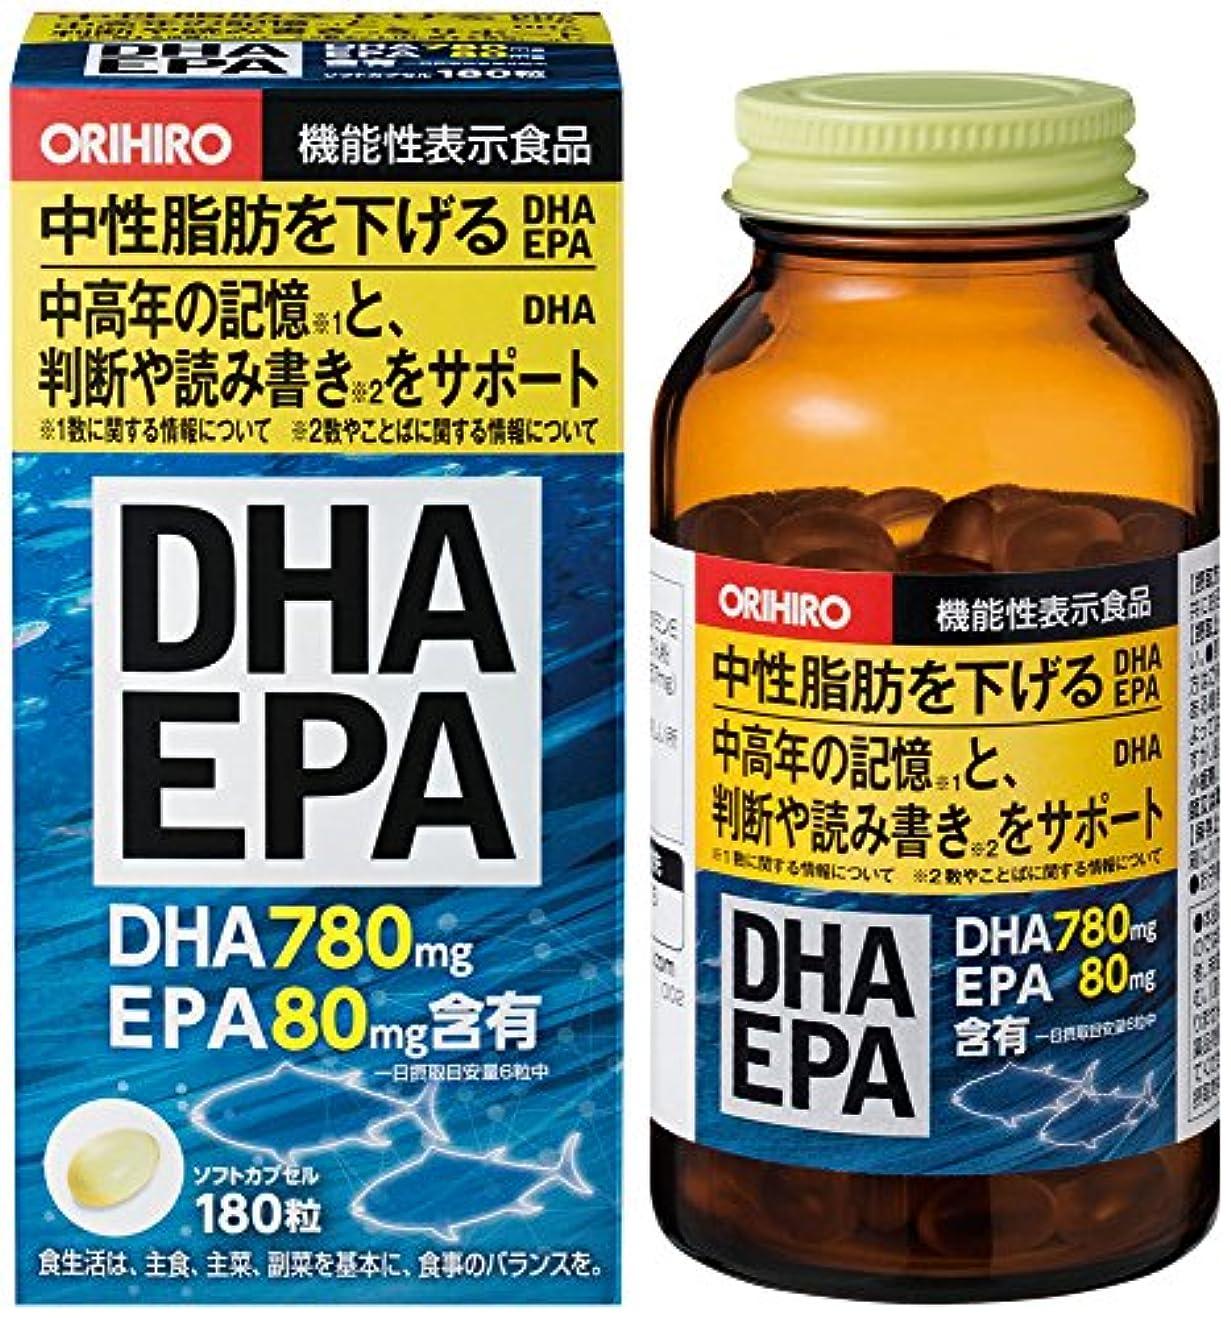 ドローディスク草オリヒロ DHA?EPA 180粒 [機能性表示食品]